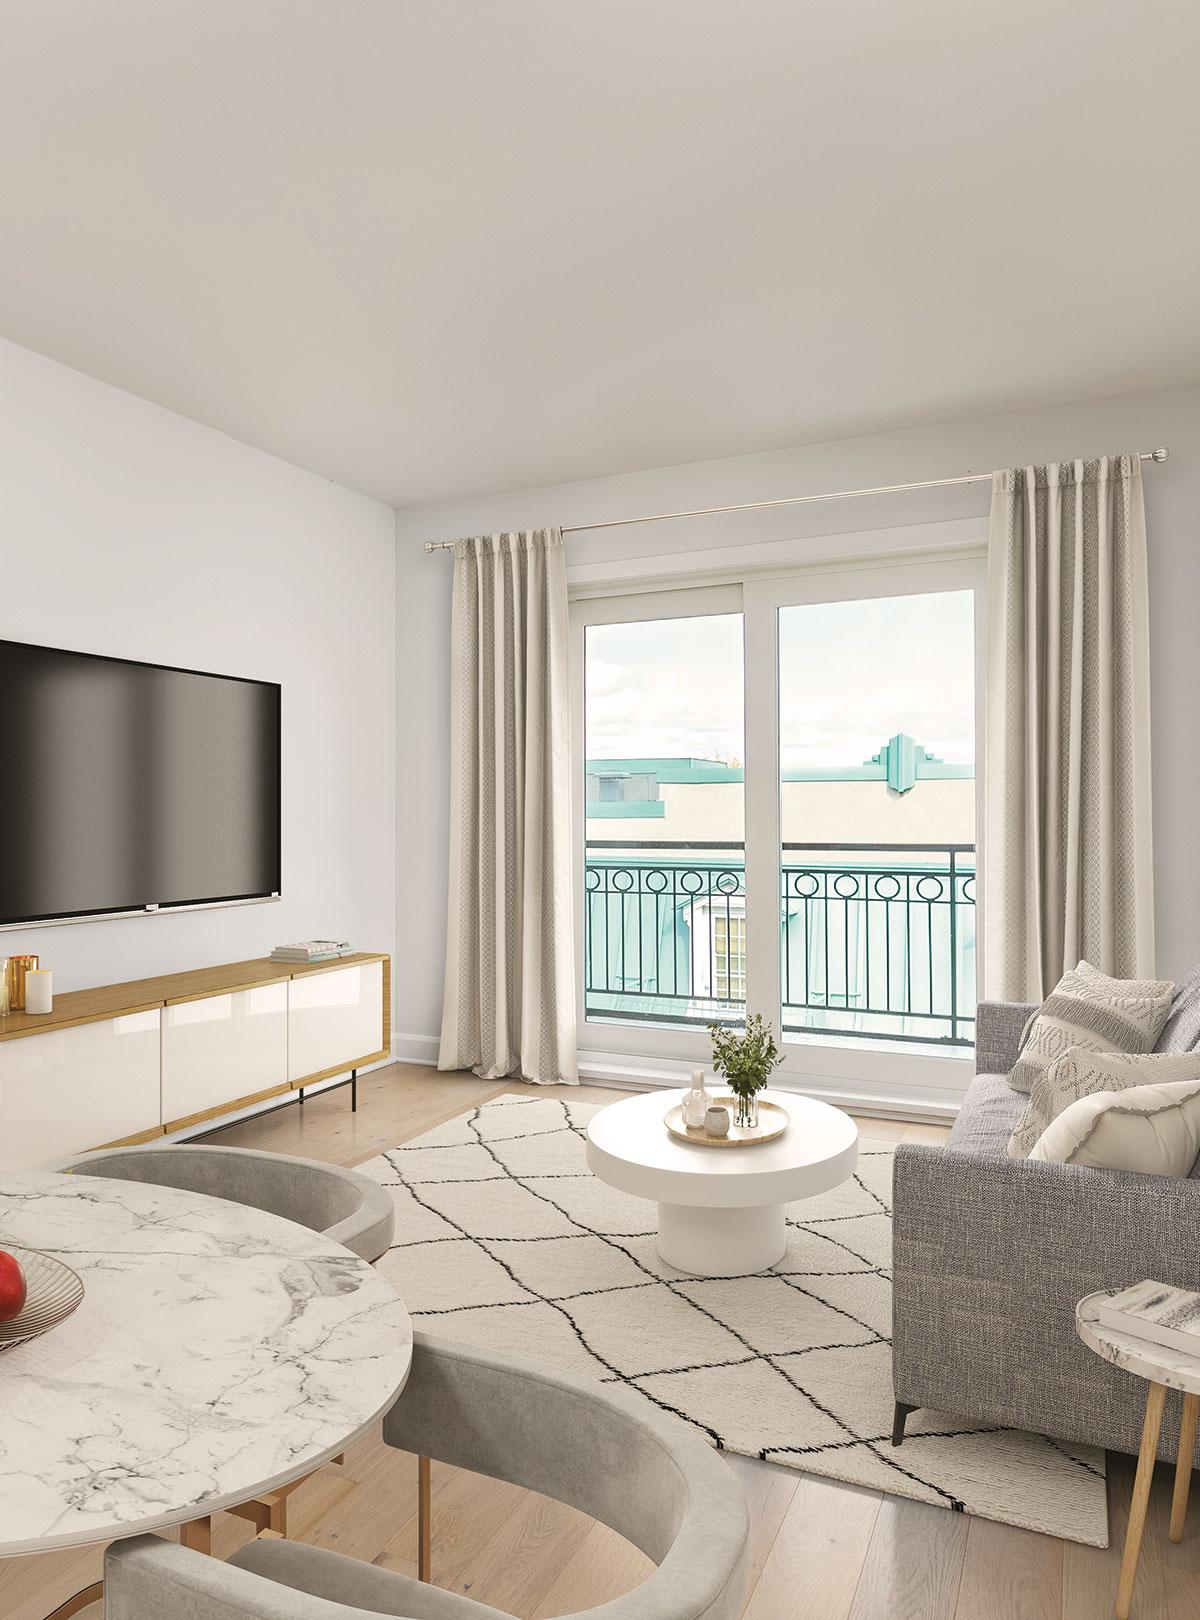 Salon d'un appartement Joia St-Hyacinthe